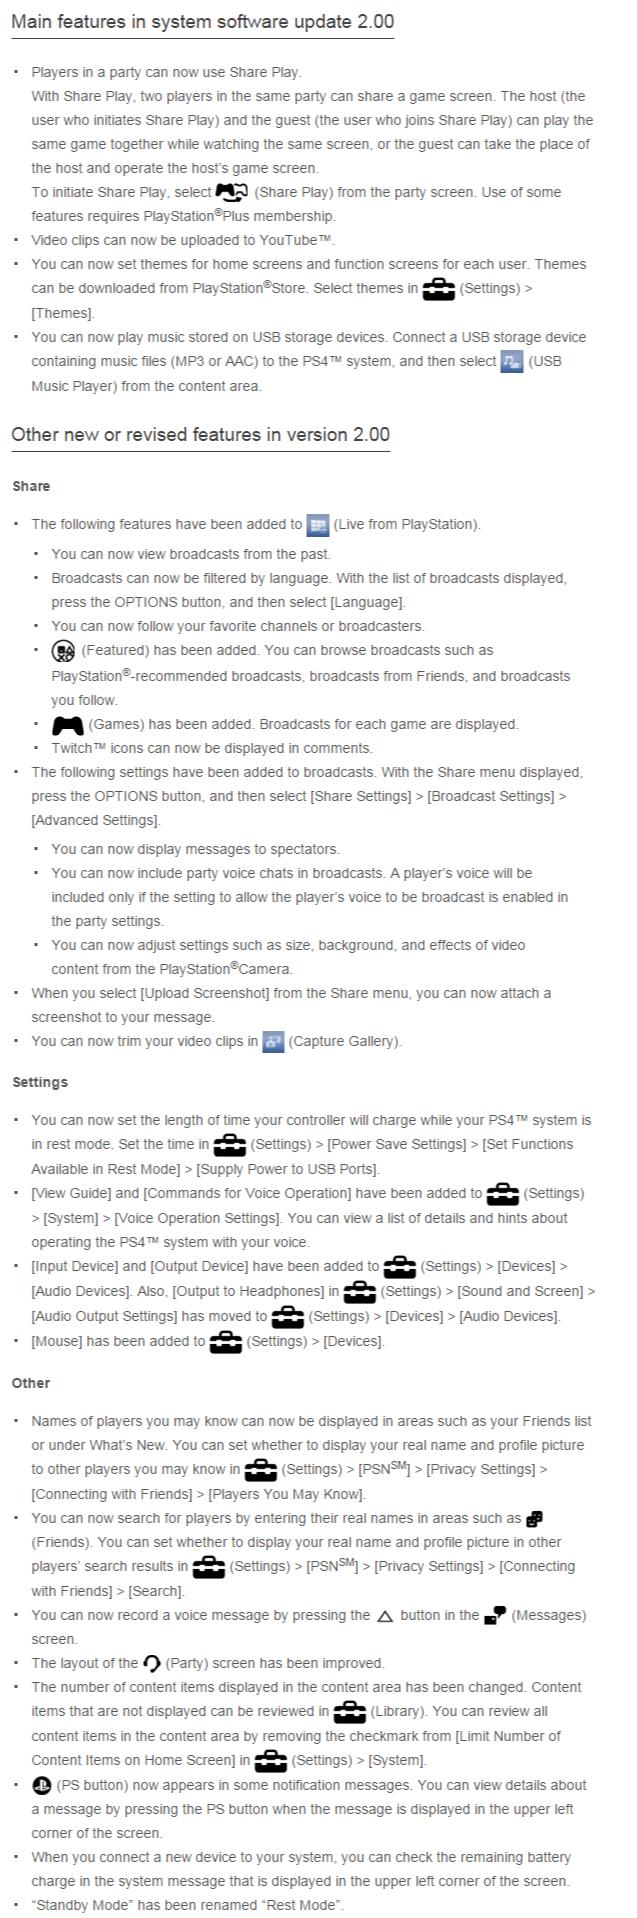 PS4 changelog